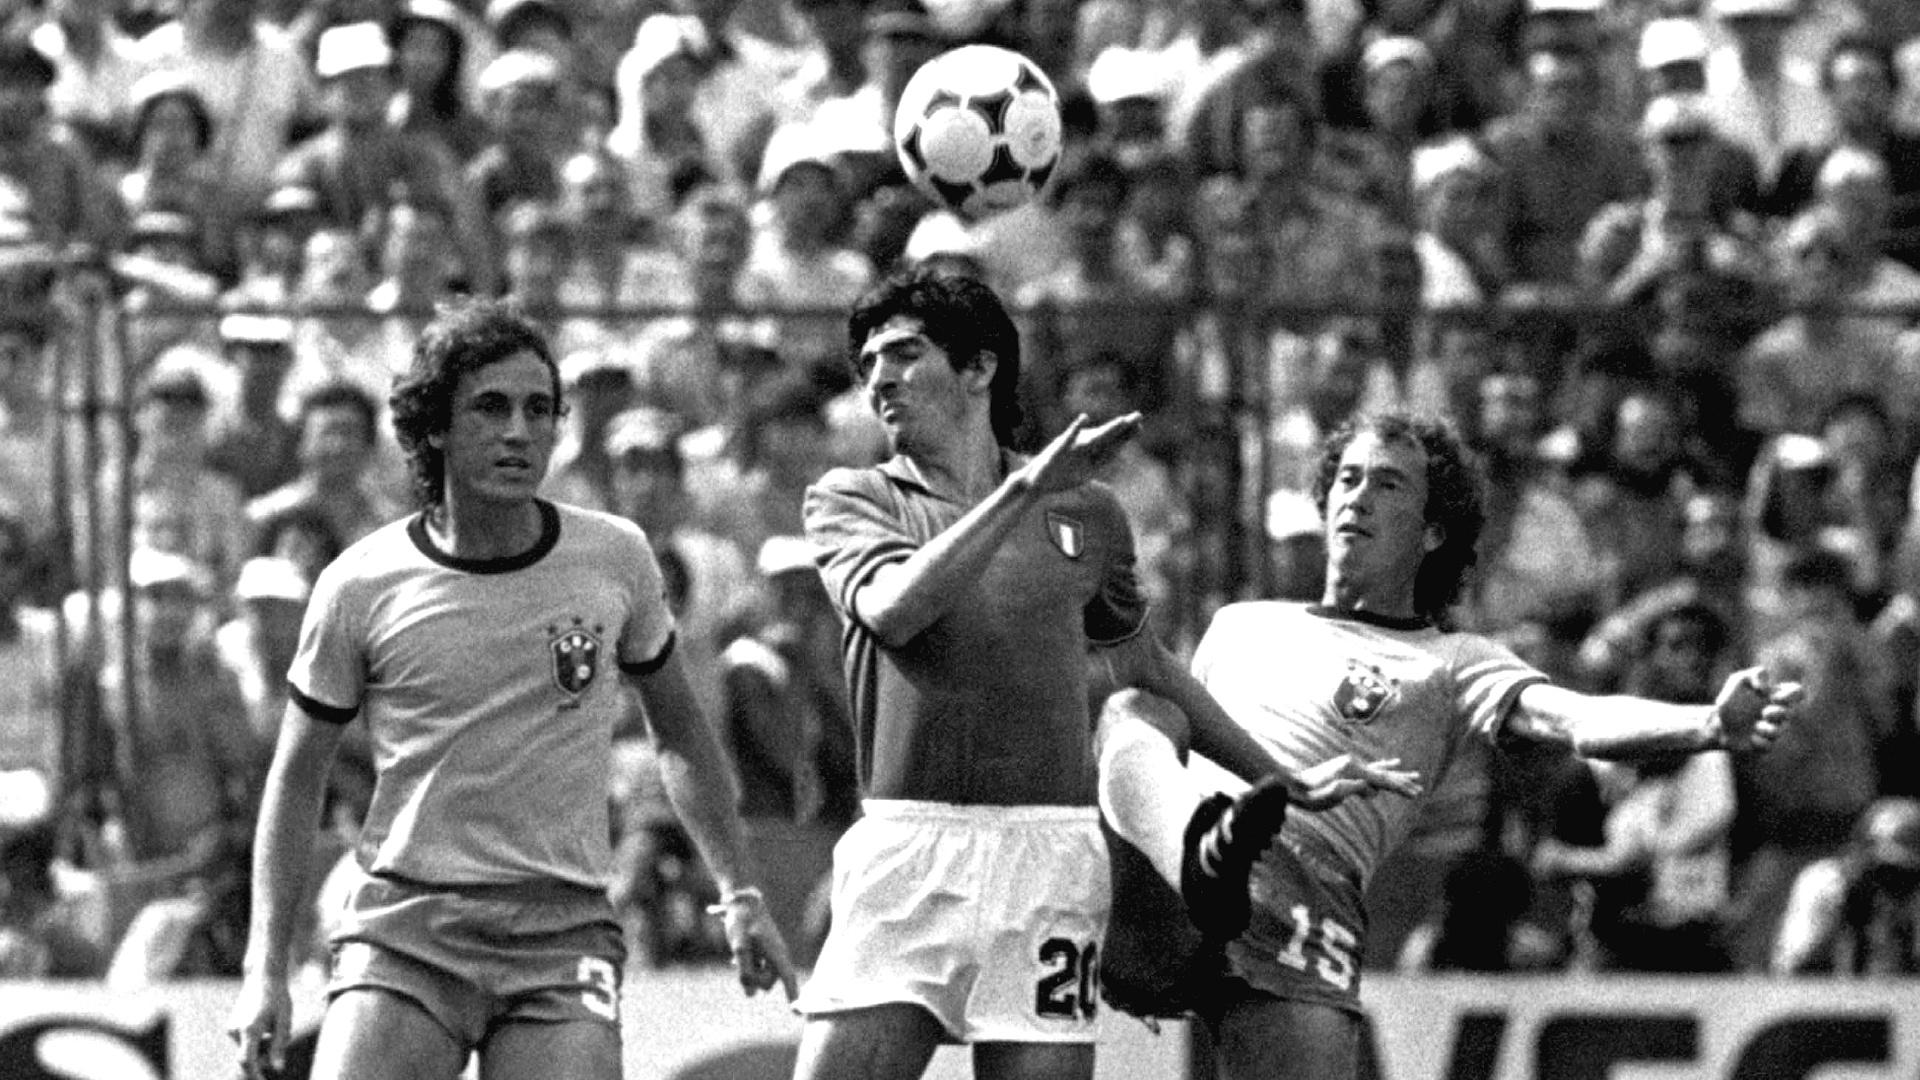 Paolo Rossi domina bola entre Oscar e Falcão no jogo em que a Itália eliminou a seleção brasileira da Copa do Mundo da Espanha em 1982. A Itália venceu o Brasil por 3x2, os três gols de Rossi